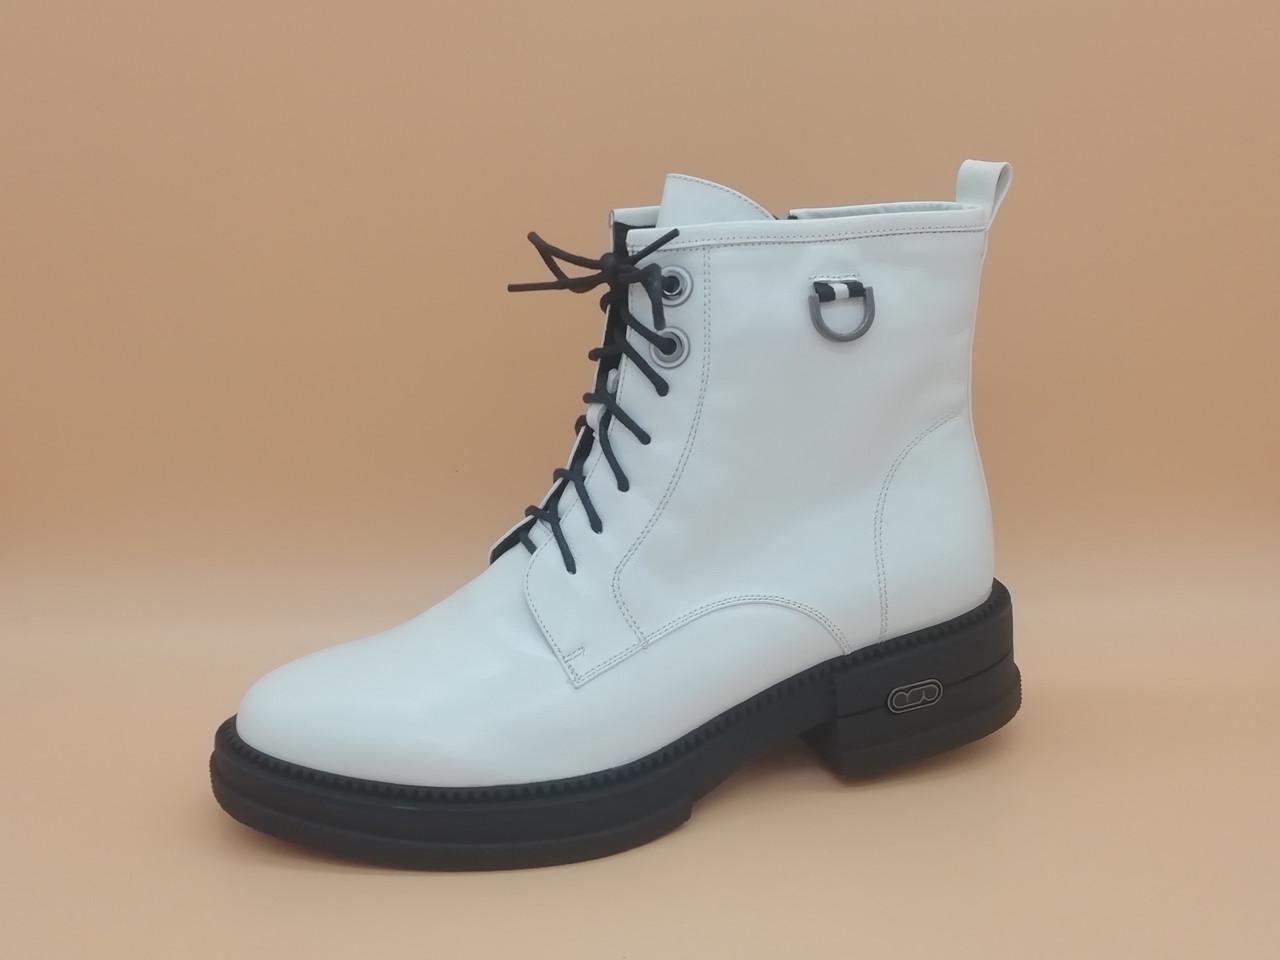 Білі шкіряні черевики. Erisses. Великі розміри ( 41 - 43).